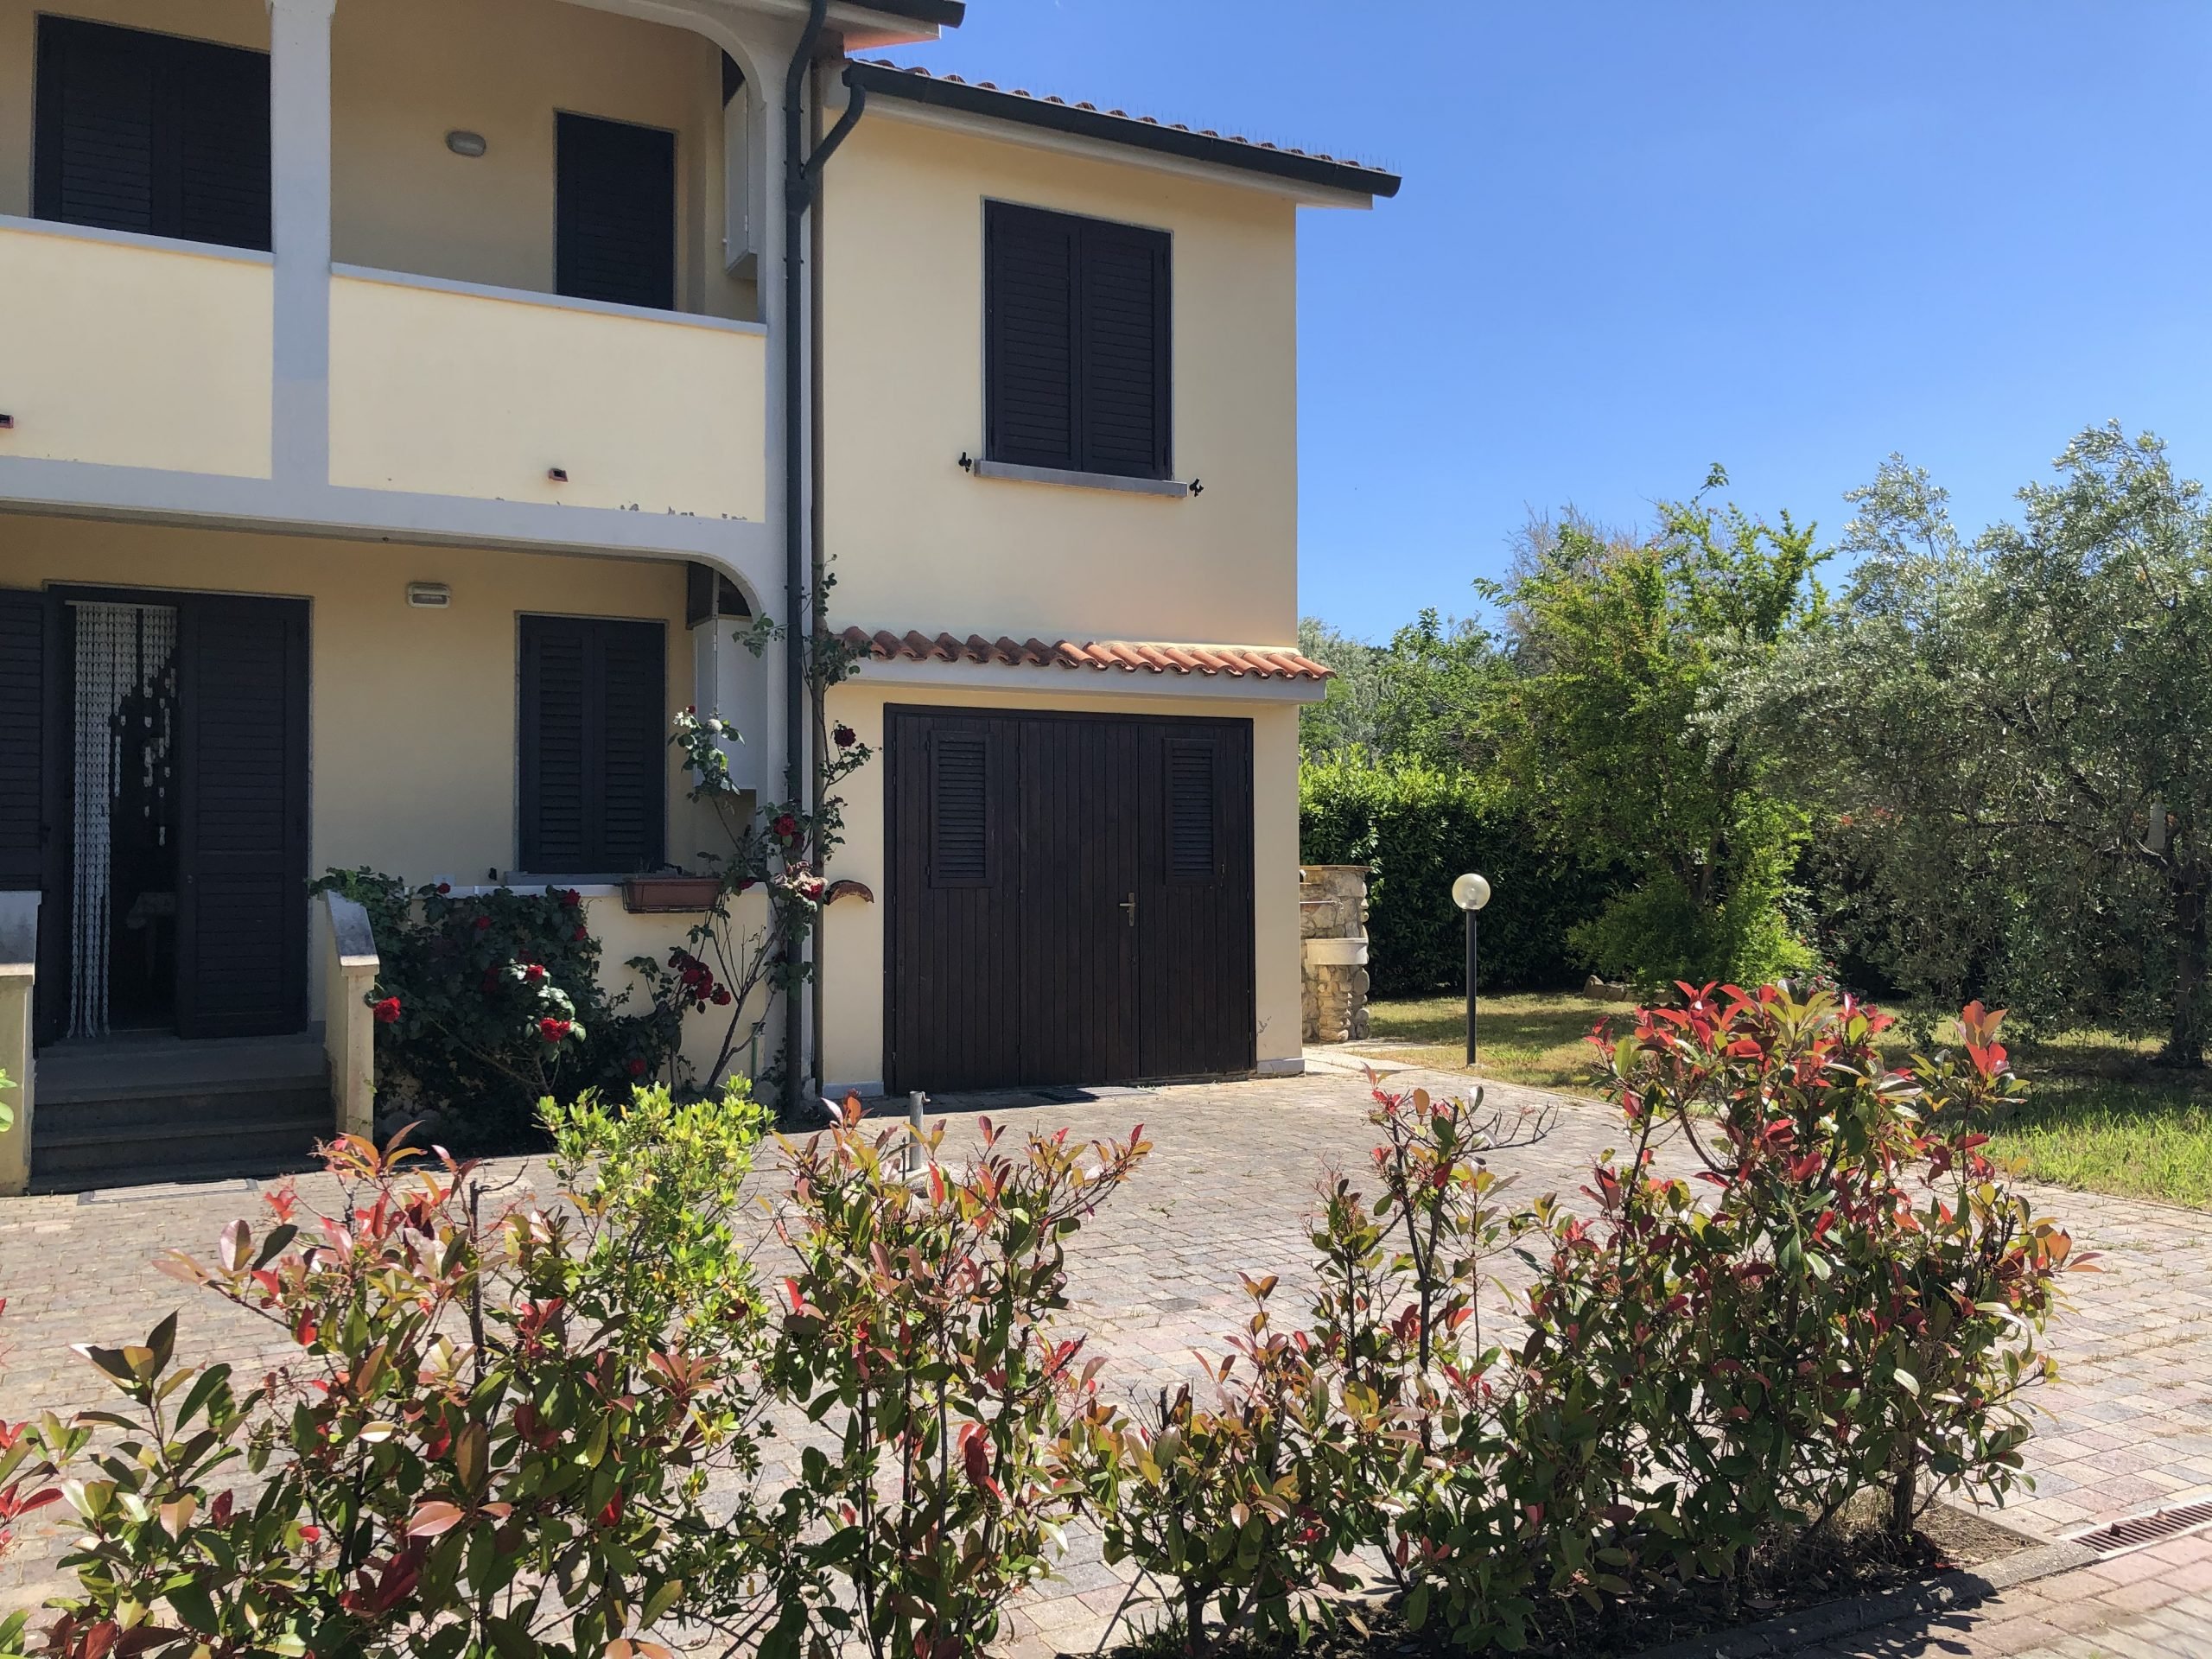 32A – La Mazzanta, 5 posti con giardino a 200 m dal mare